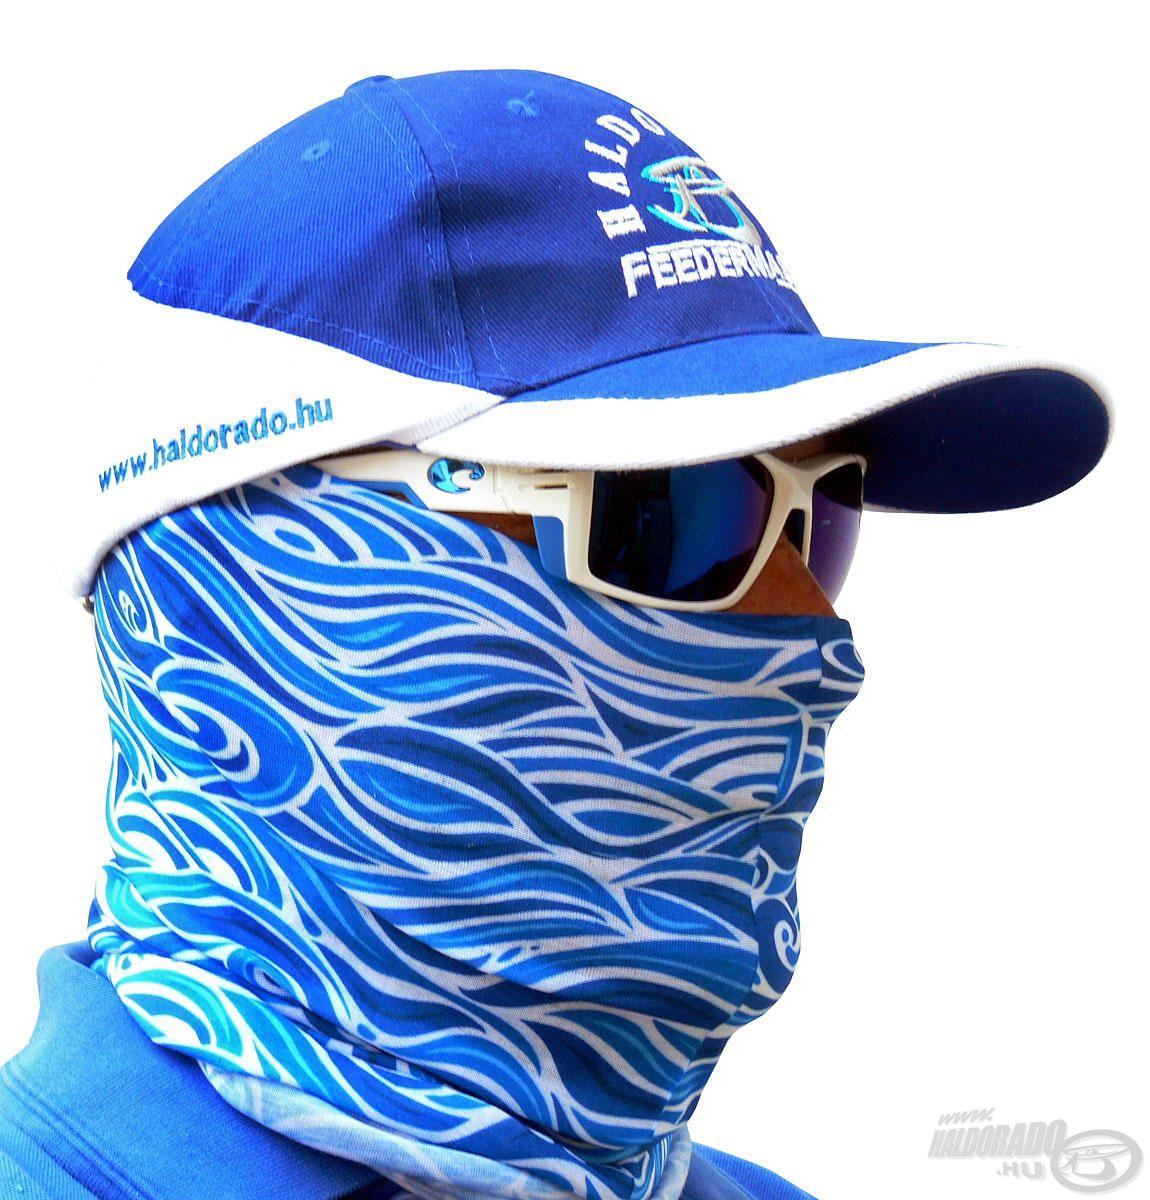 A Costa Waves maszk egy könnyed, multifunkcionális fejfedő, nyárias kék hullám mintás dizájnnal